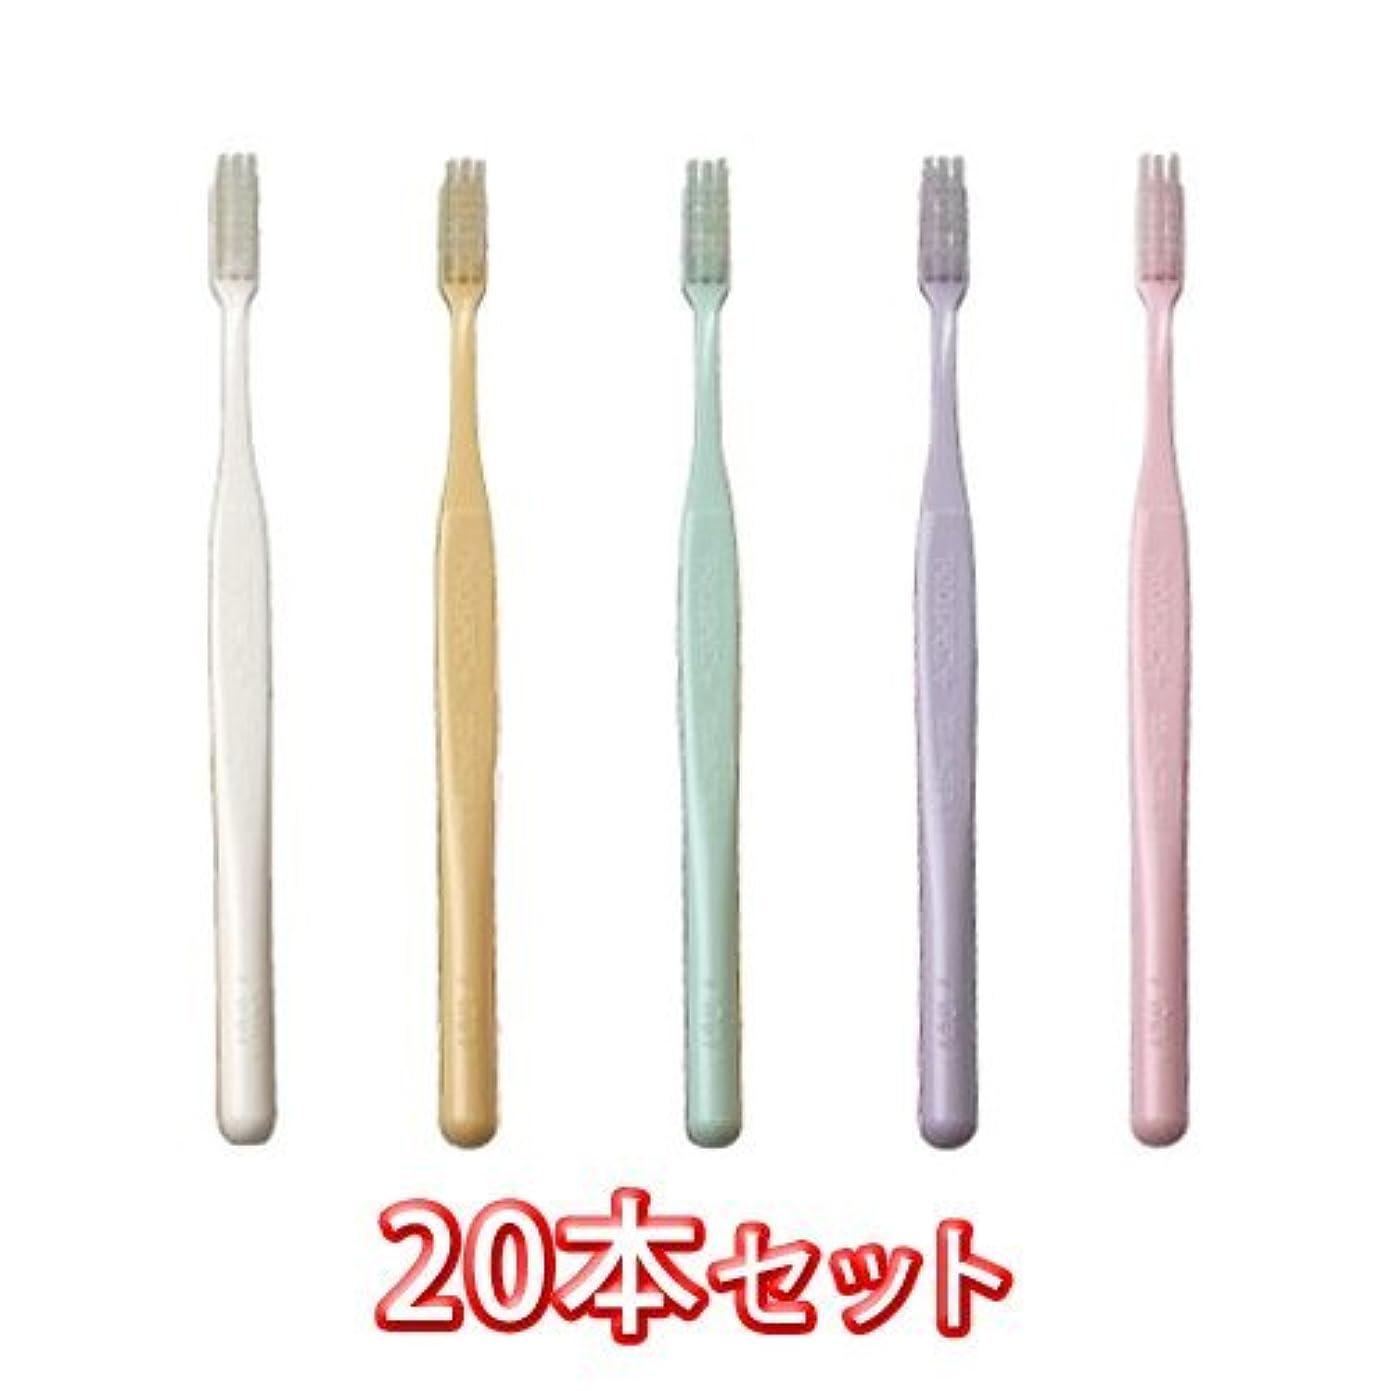 証書叙情的な摩擦プロスペック 歯ブラシ プラス コンパクトスリム 20本入 ふつう色 S やわらかめ